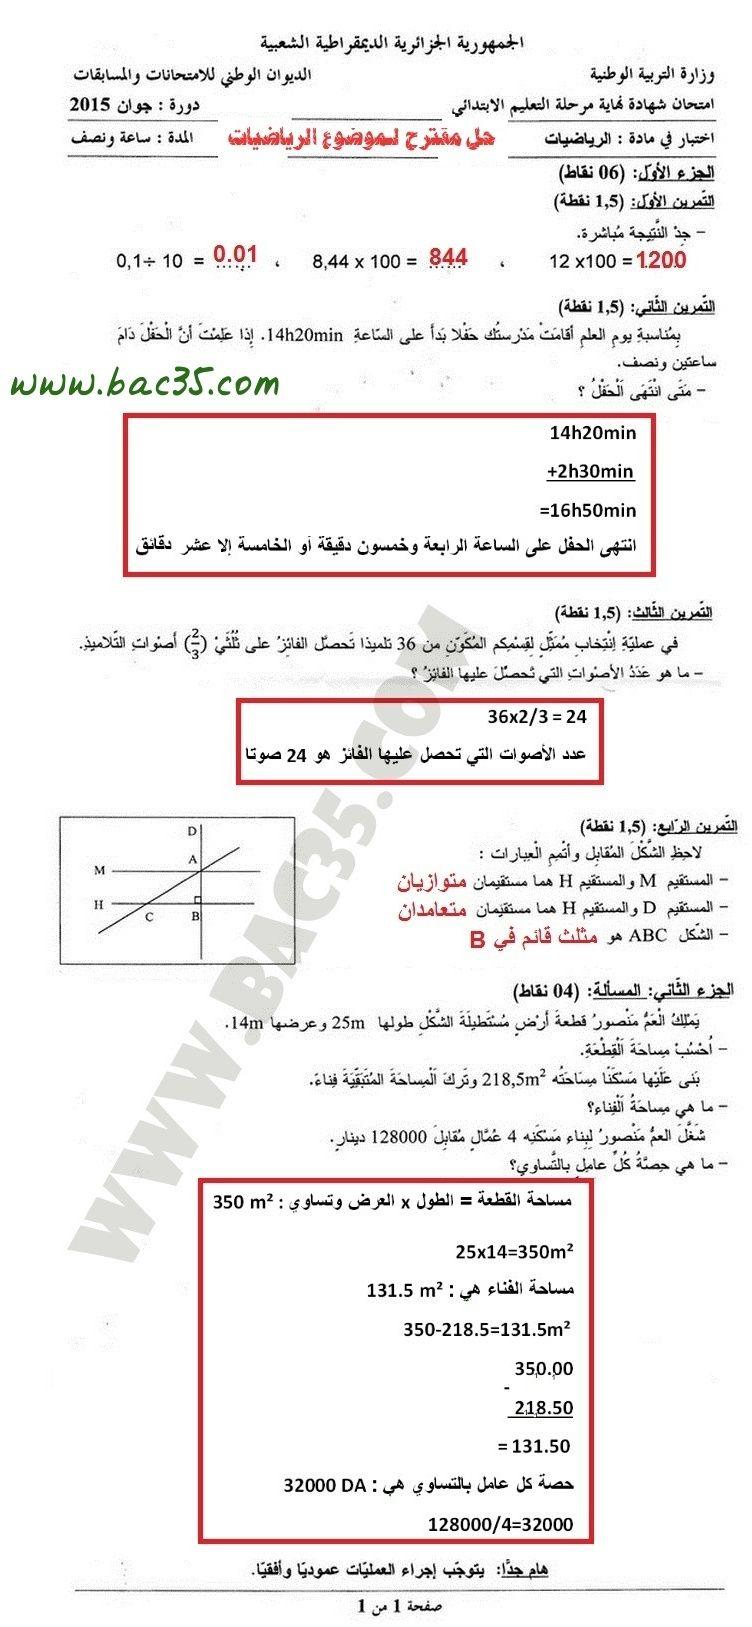 موضوع الرياضيات مع الحل دورة جوان 2015 ابتدائي 1010